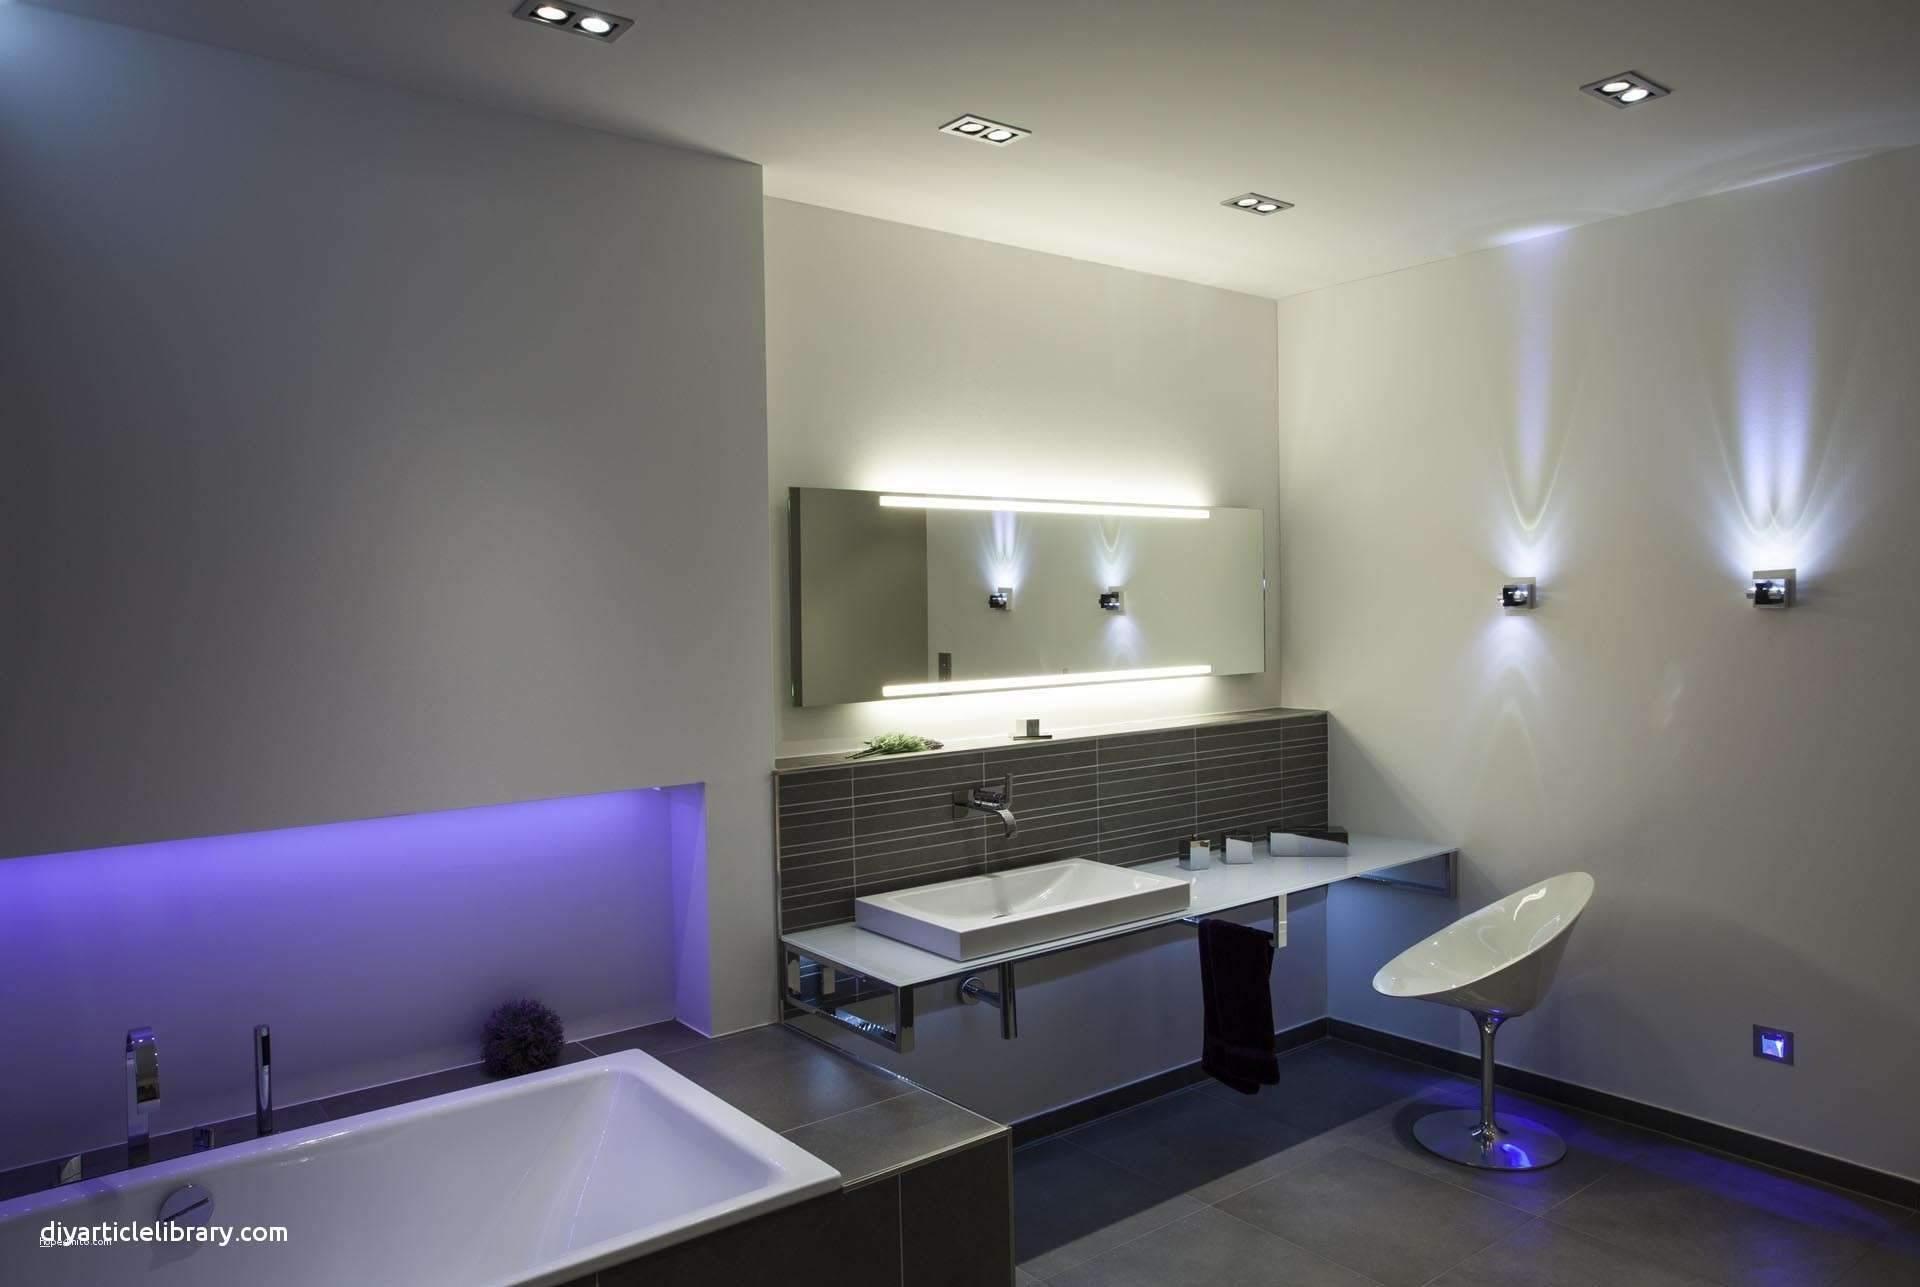 Beton Deko Selber Machen Inspirierend Wohnzimmer Licht Neu Licht Beton Better Badezimmer Licht